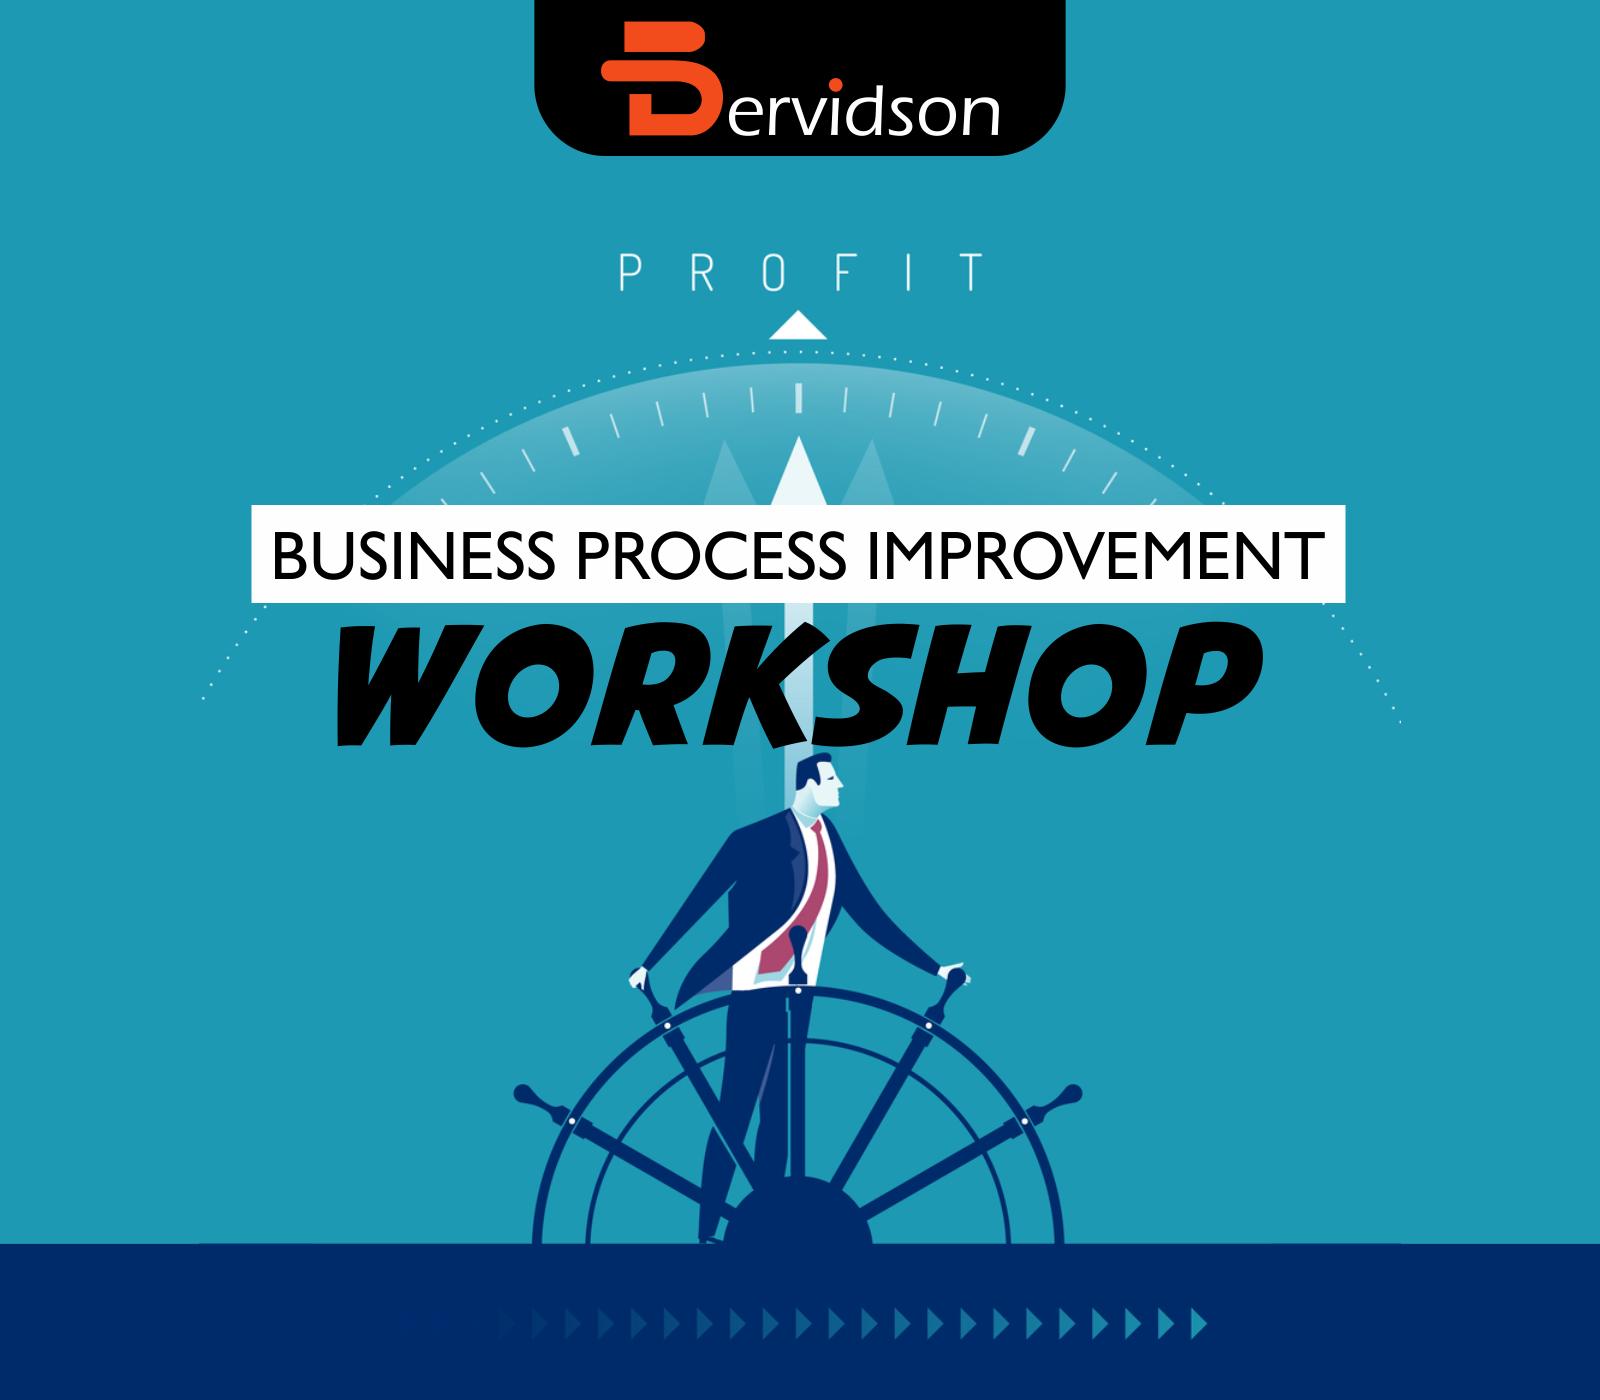 Business Process Improvement Workshop